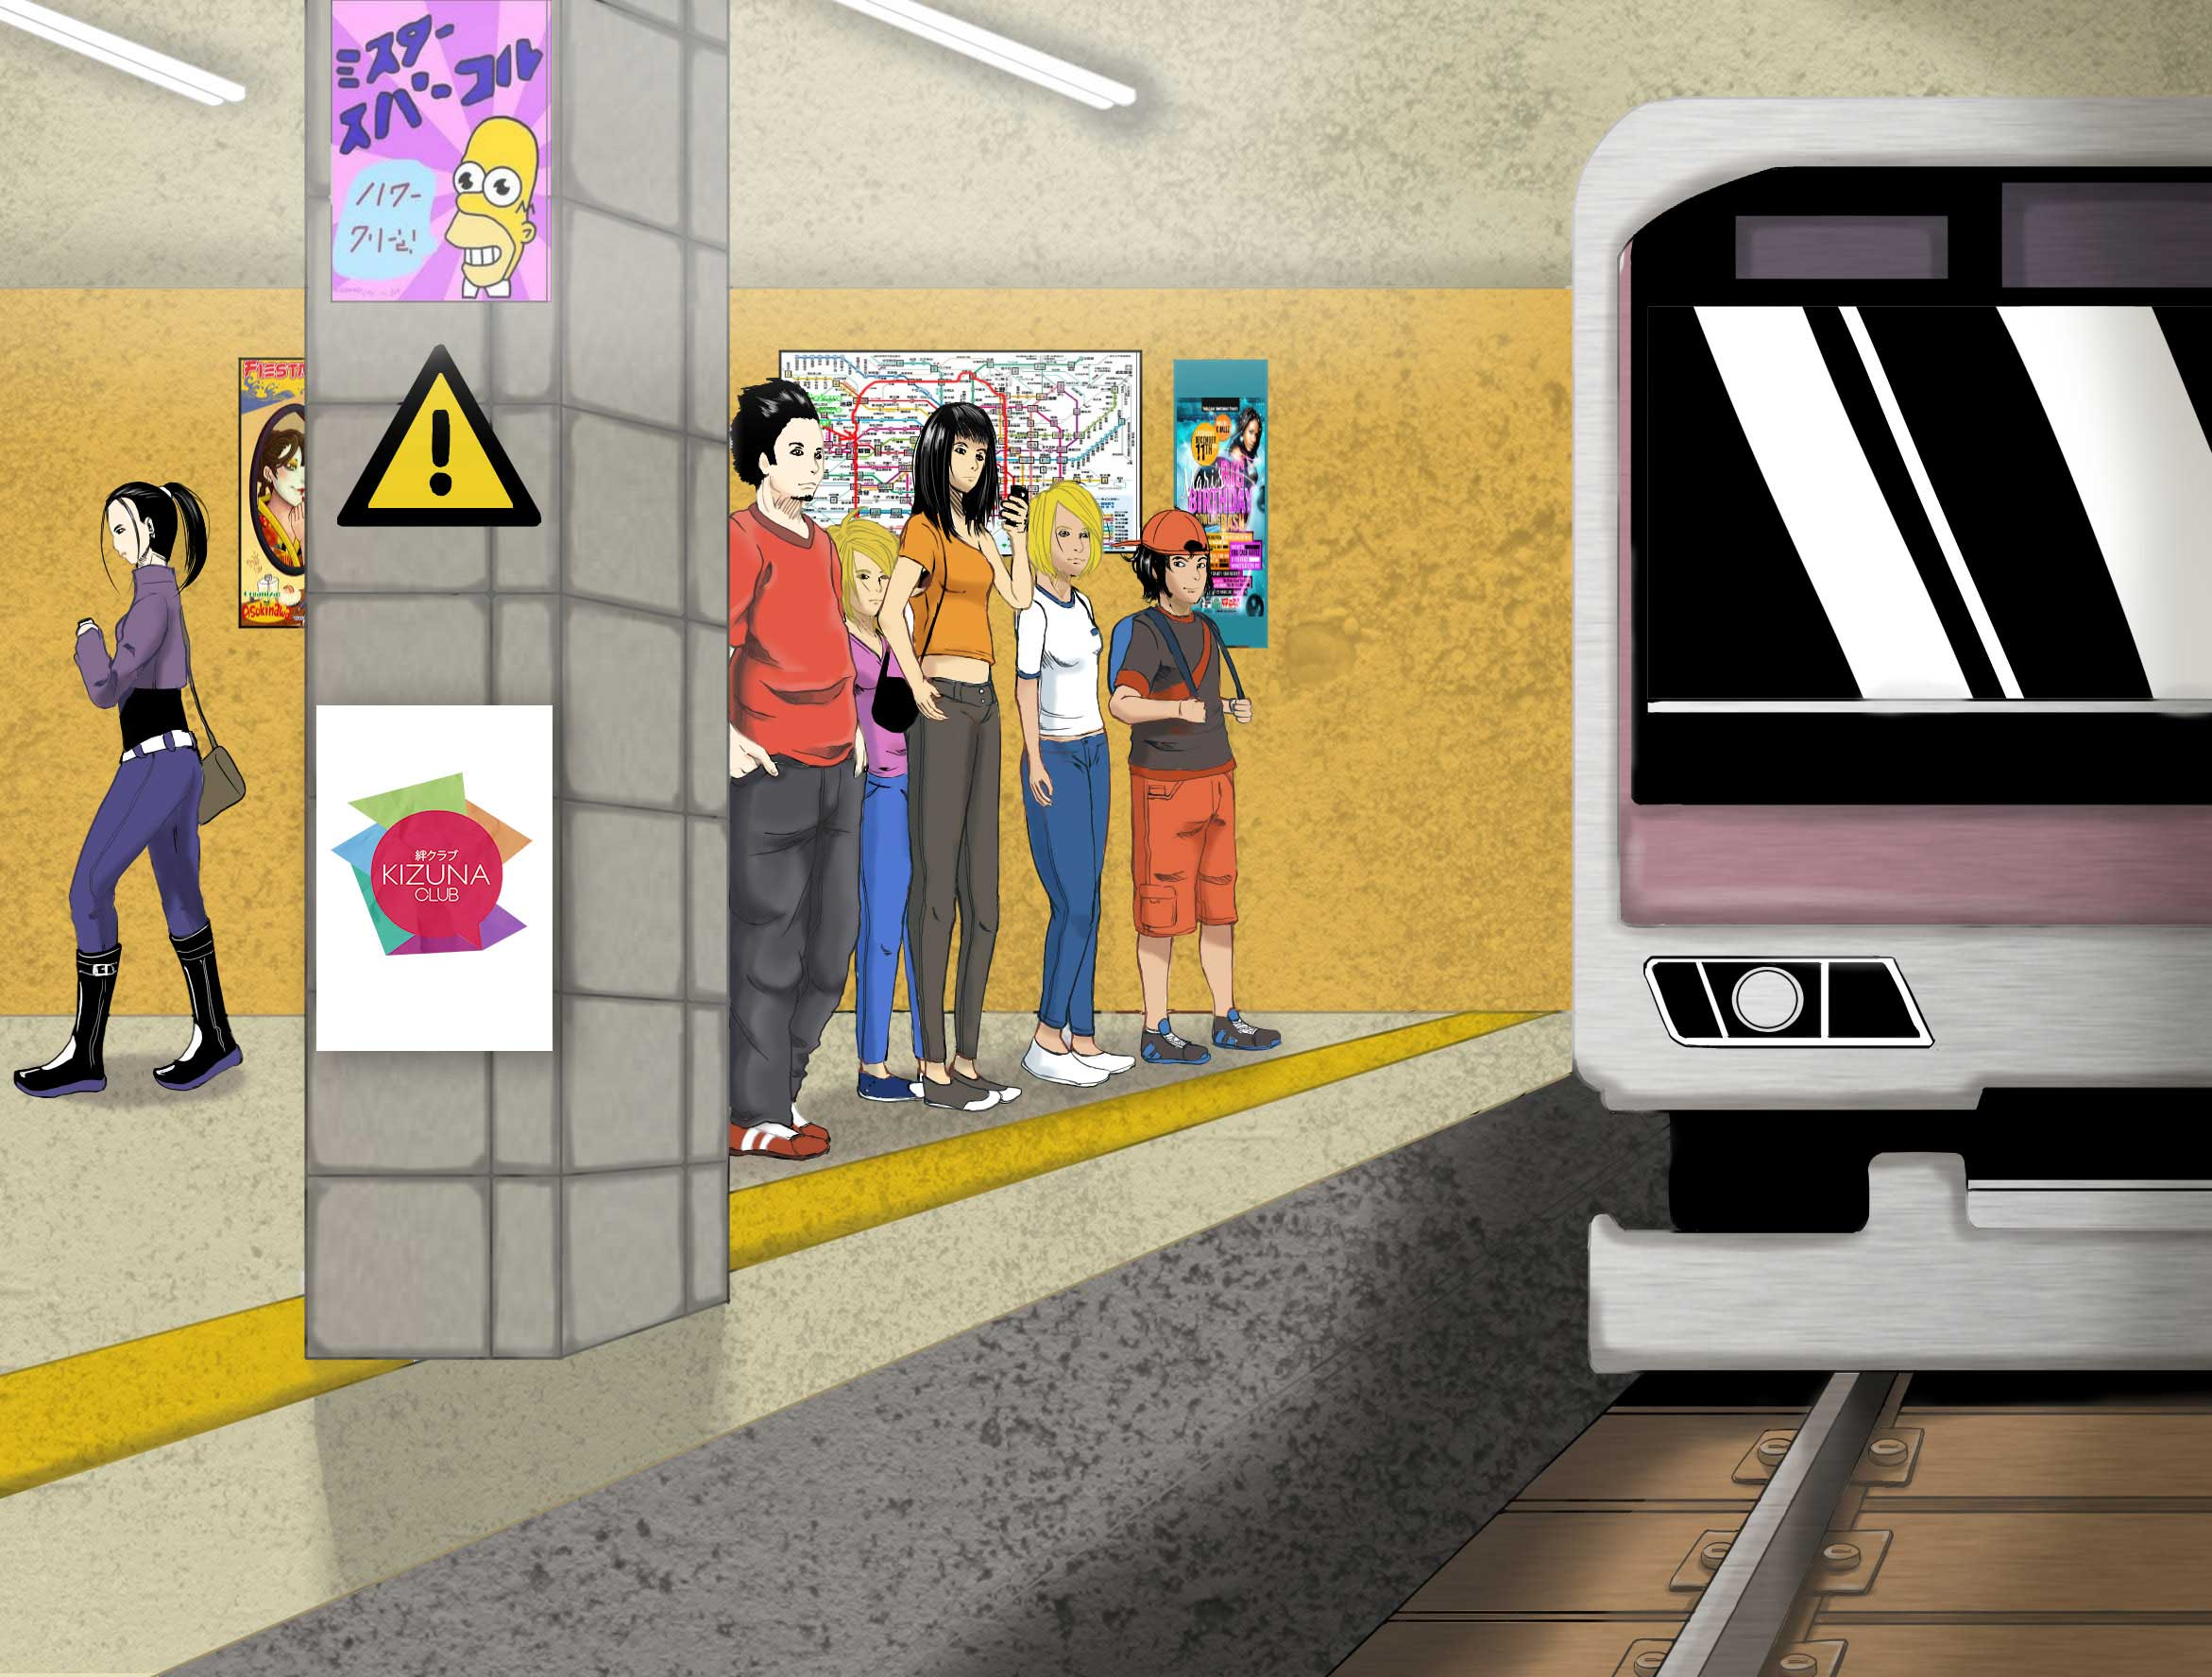 Los sistemas de transporte en Japón: No te quedes en un sólo lugar